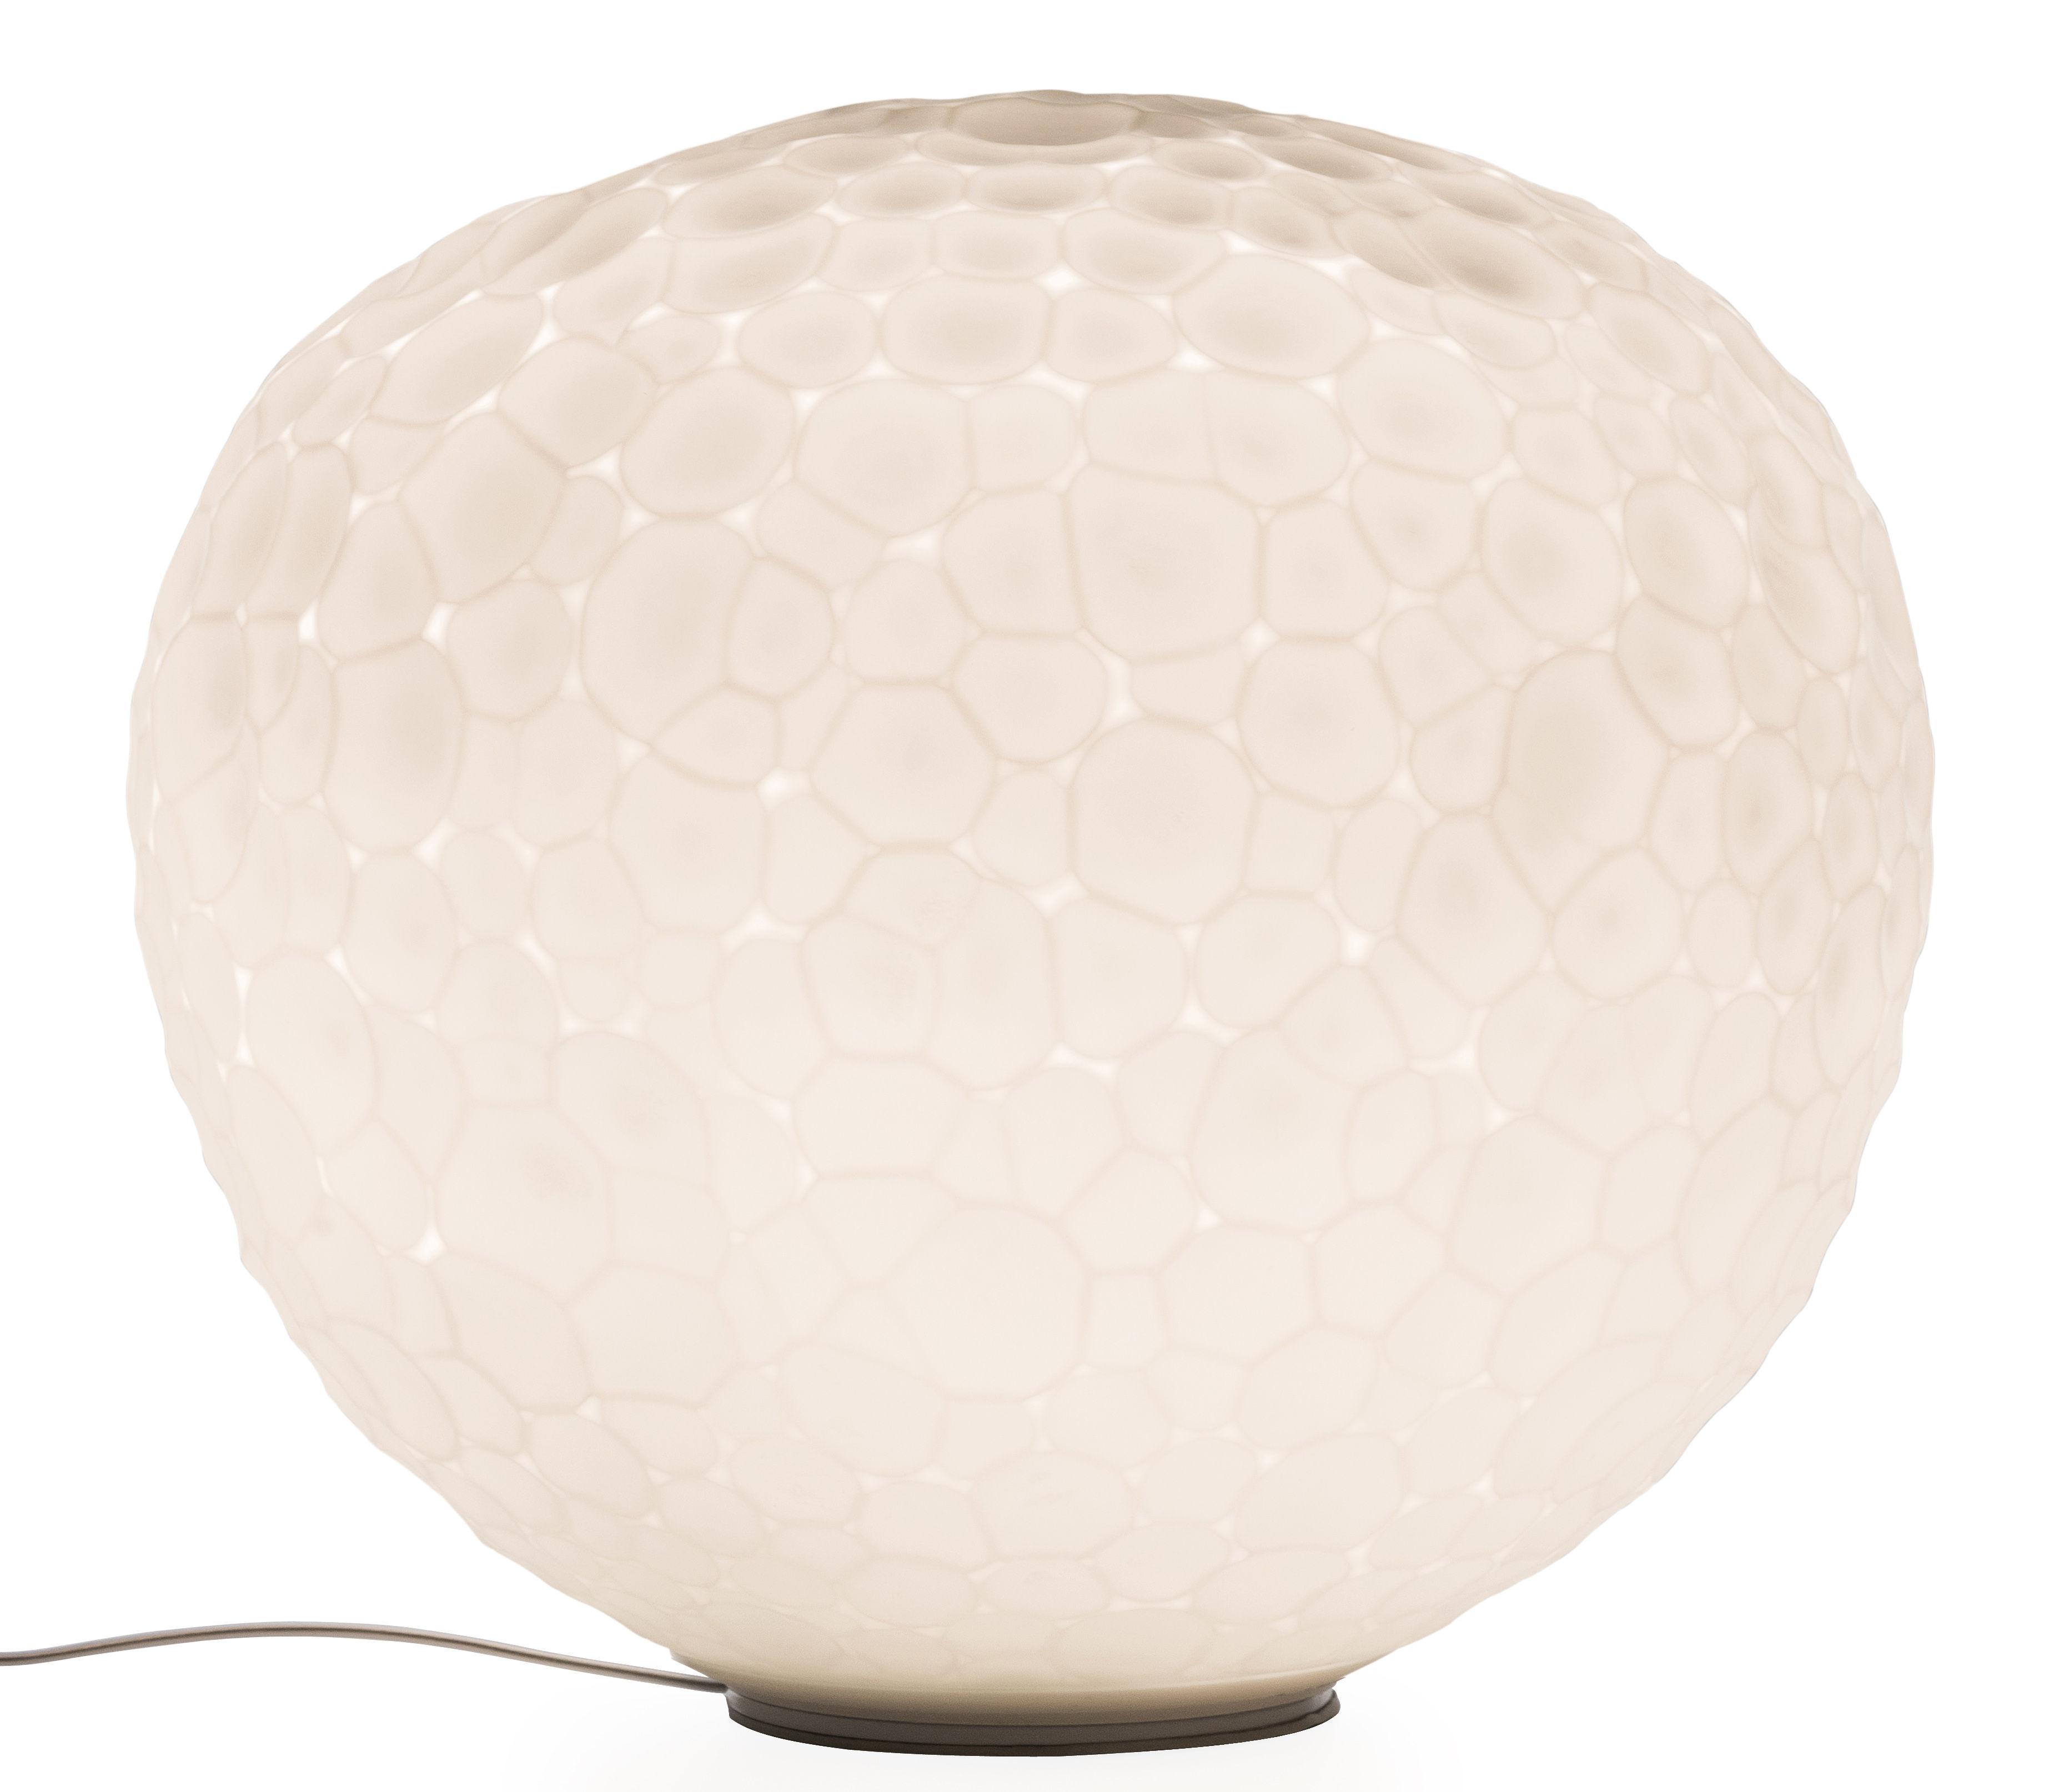 Leuchten - Tischleuchten - Meteorite Tischleuchte / Ø 35 cm - Artemide - Weiß - geblasenes Glas